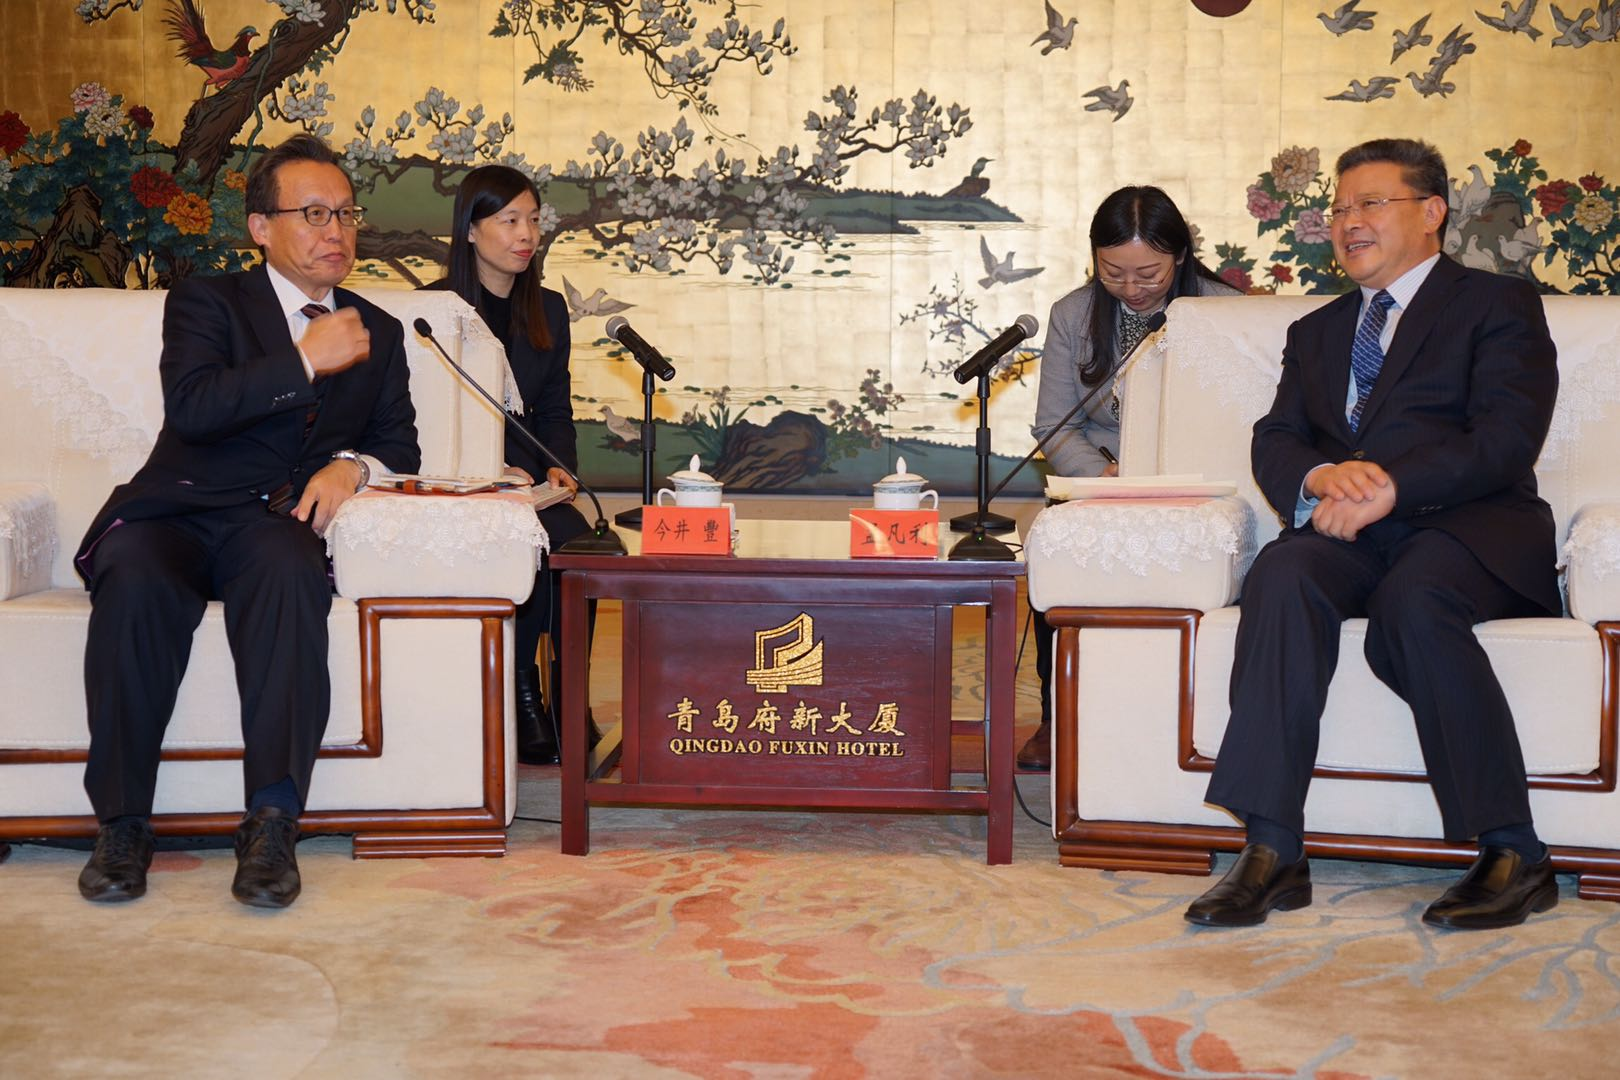 大阪府議会日中議員親善連盟会長、日本維新の会副代表今井豊が団長とするミッションを結成し、山東省青島市を訪問した。